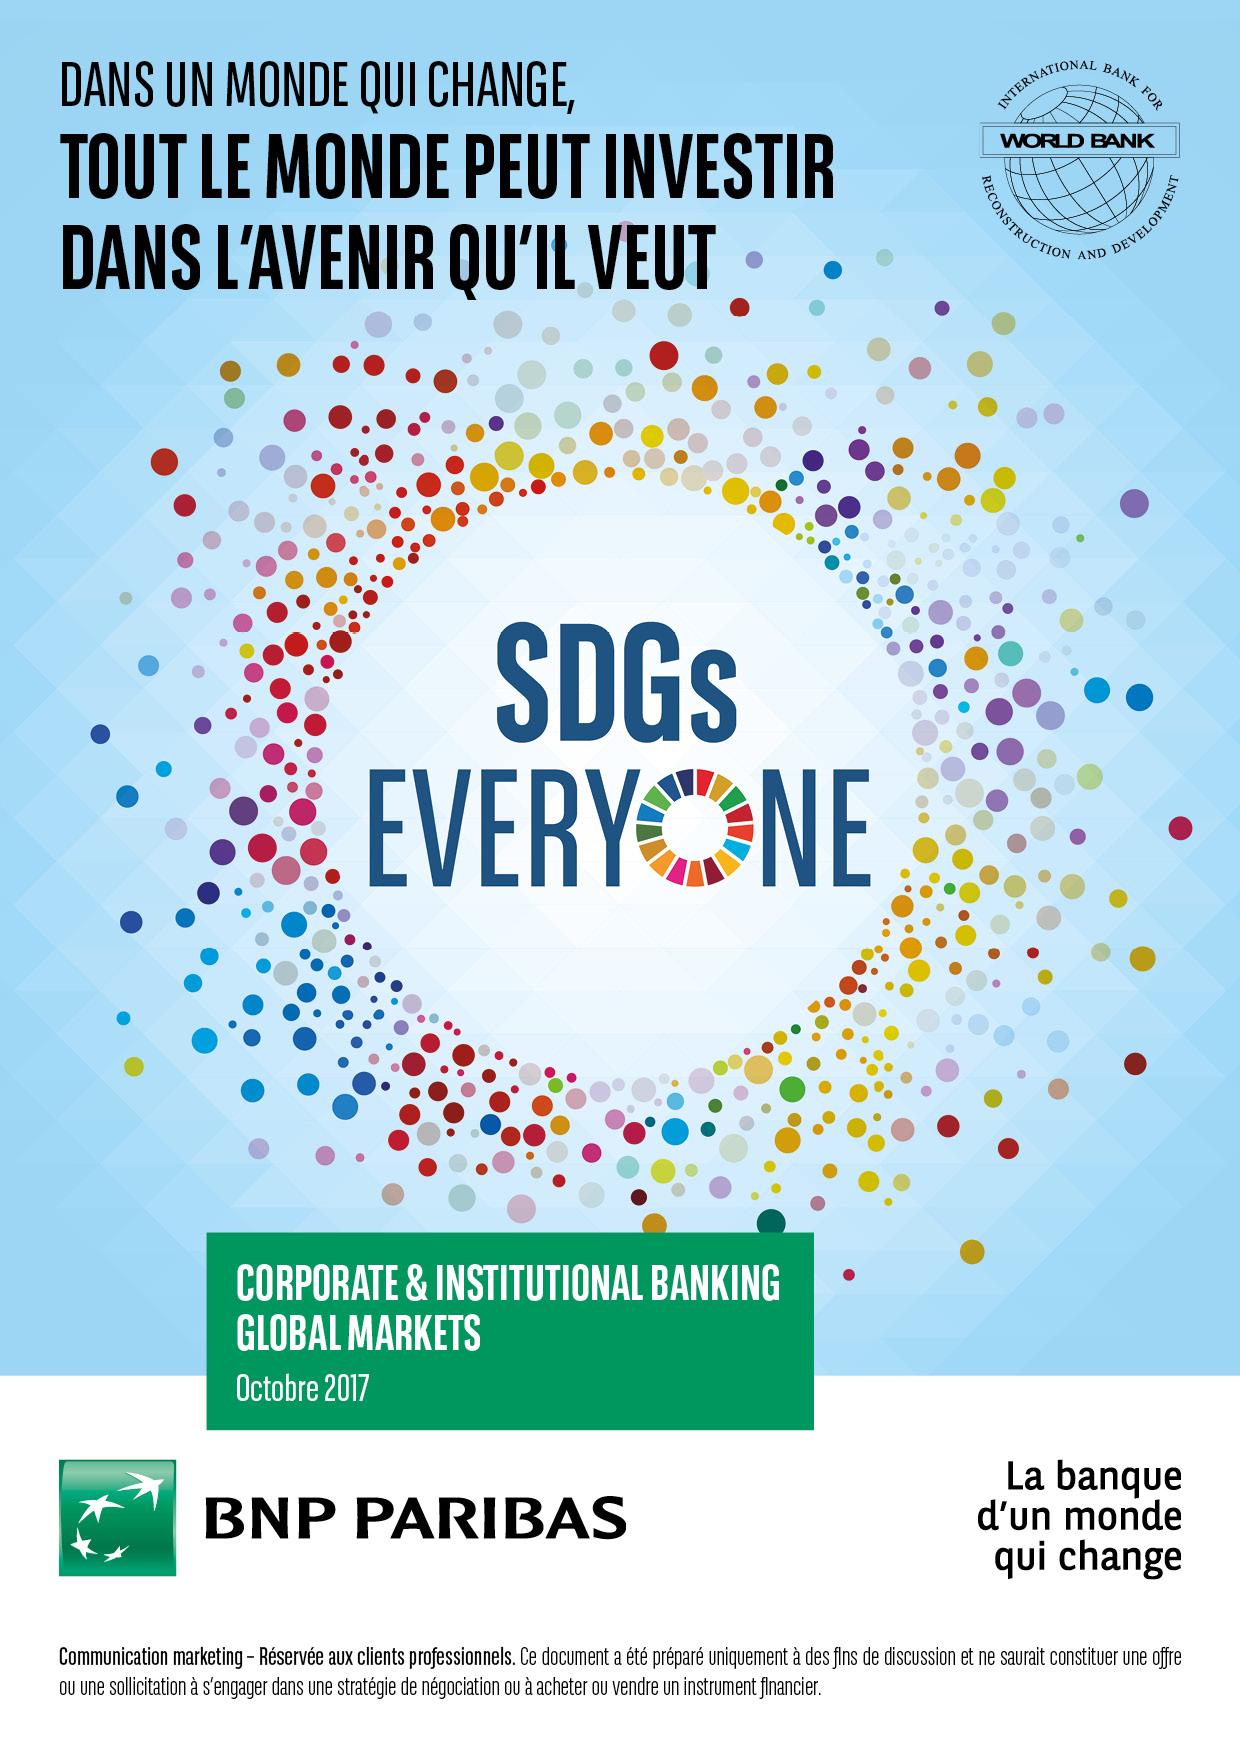 8 SDGs EVERYONE